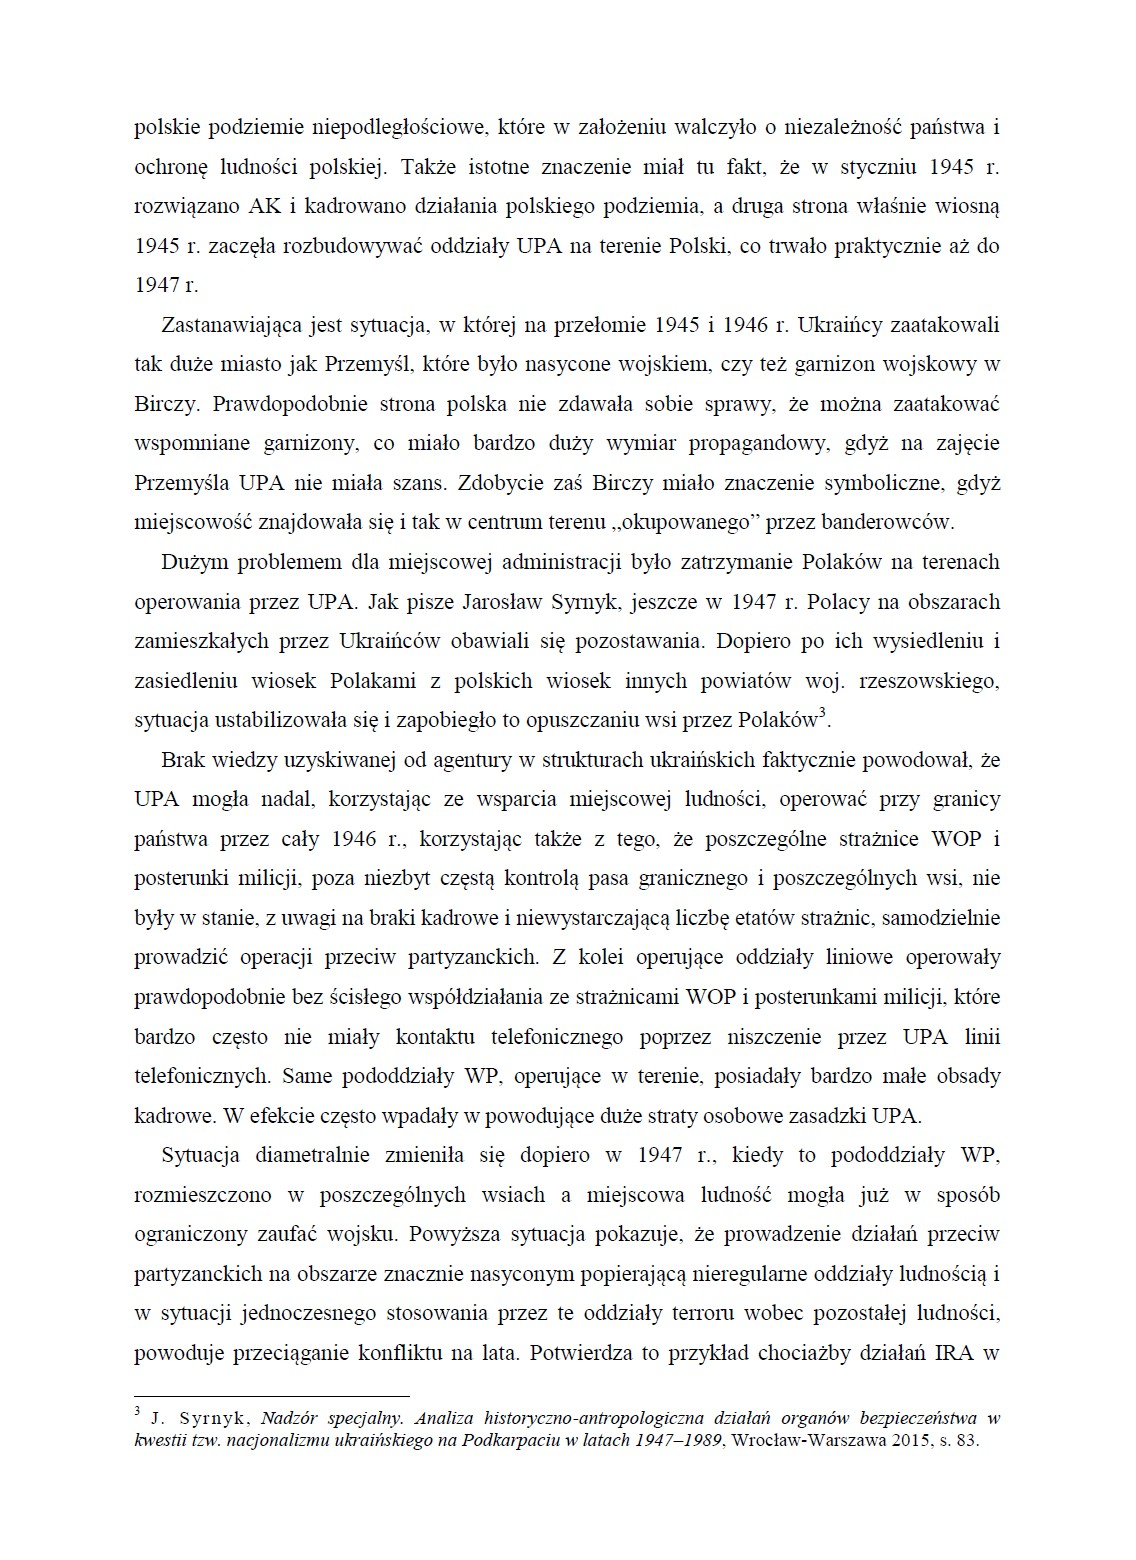 dr_andrzej_zapalowski_3